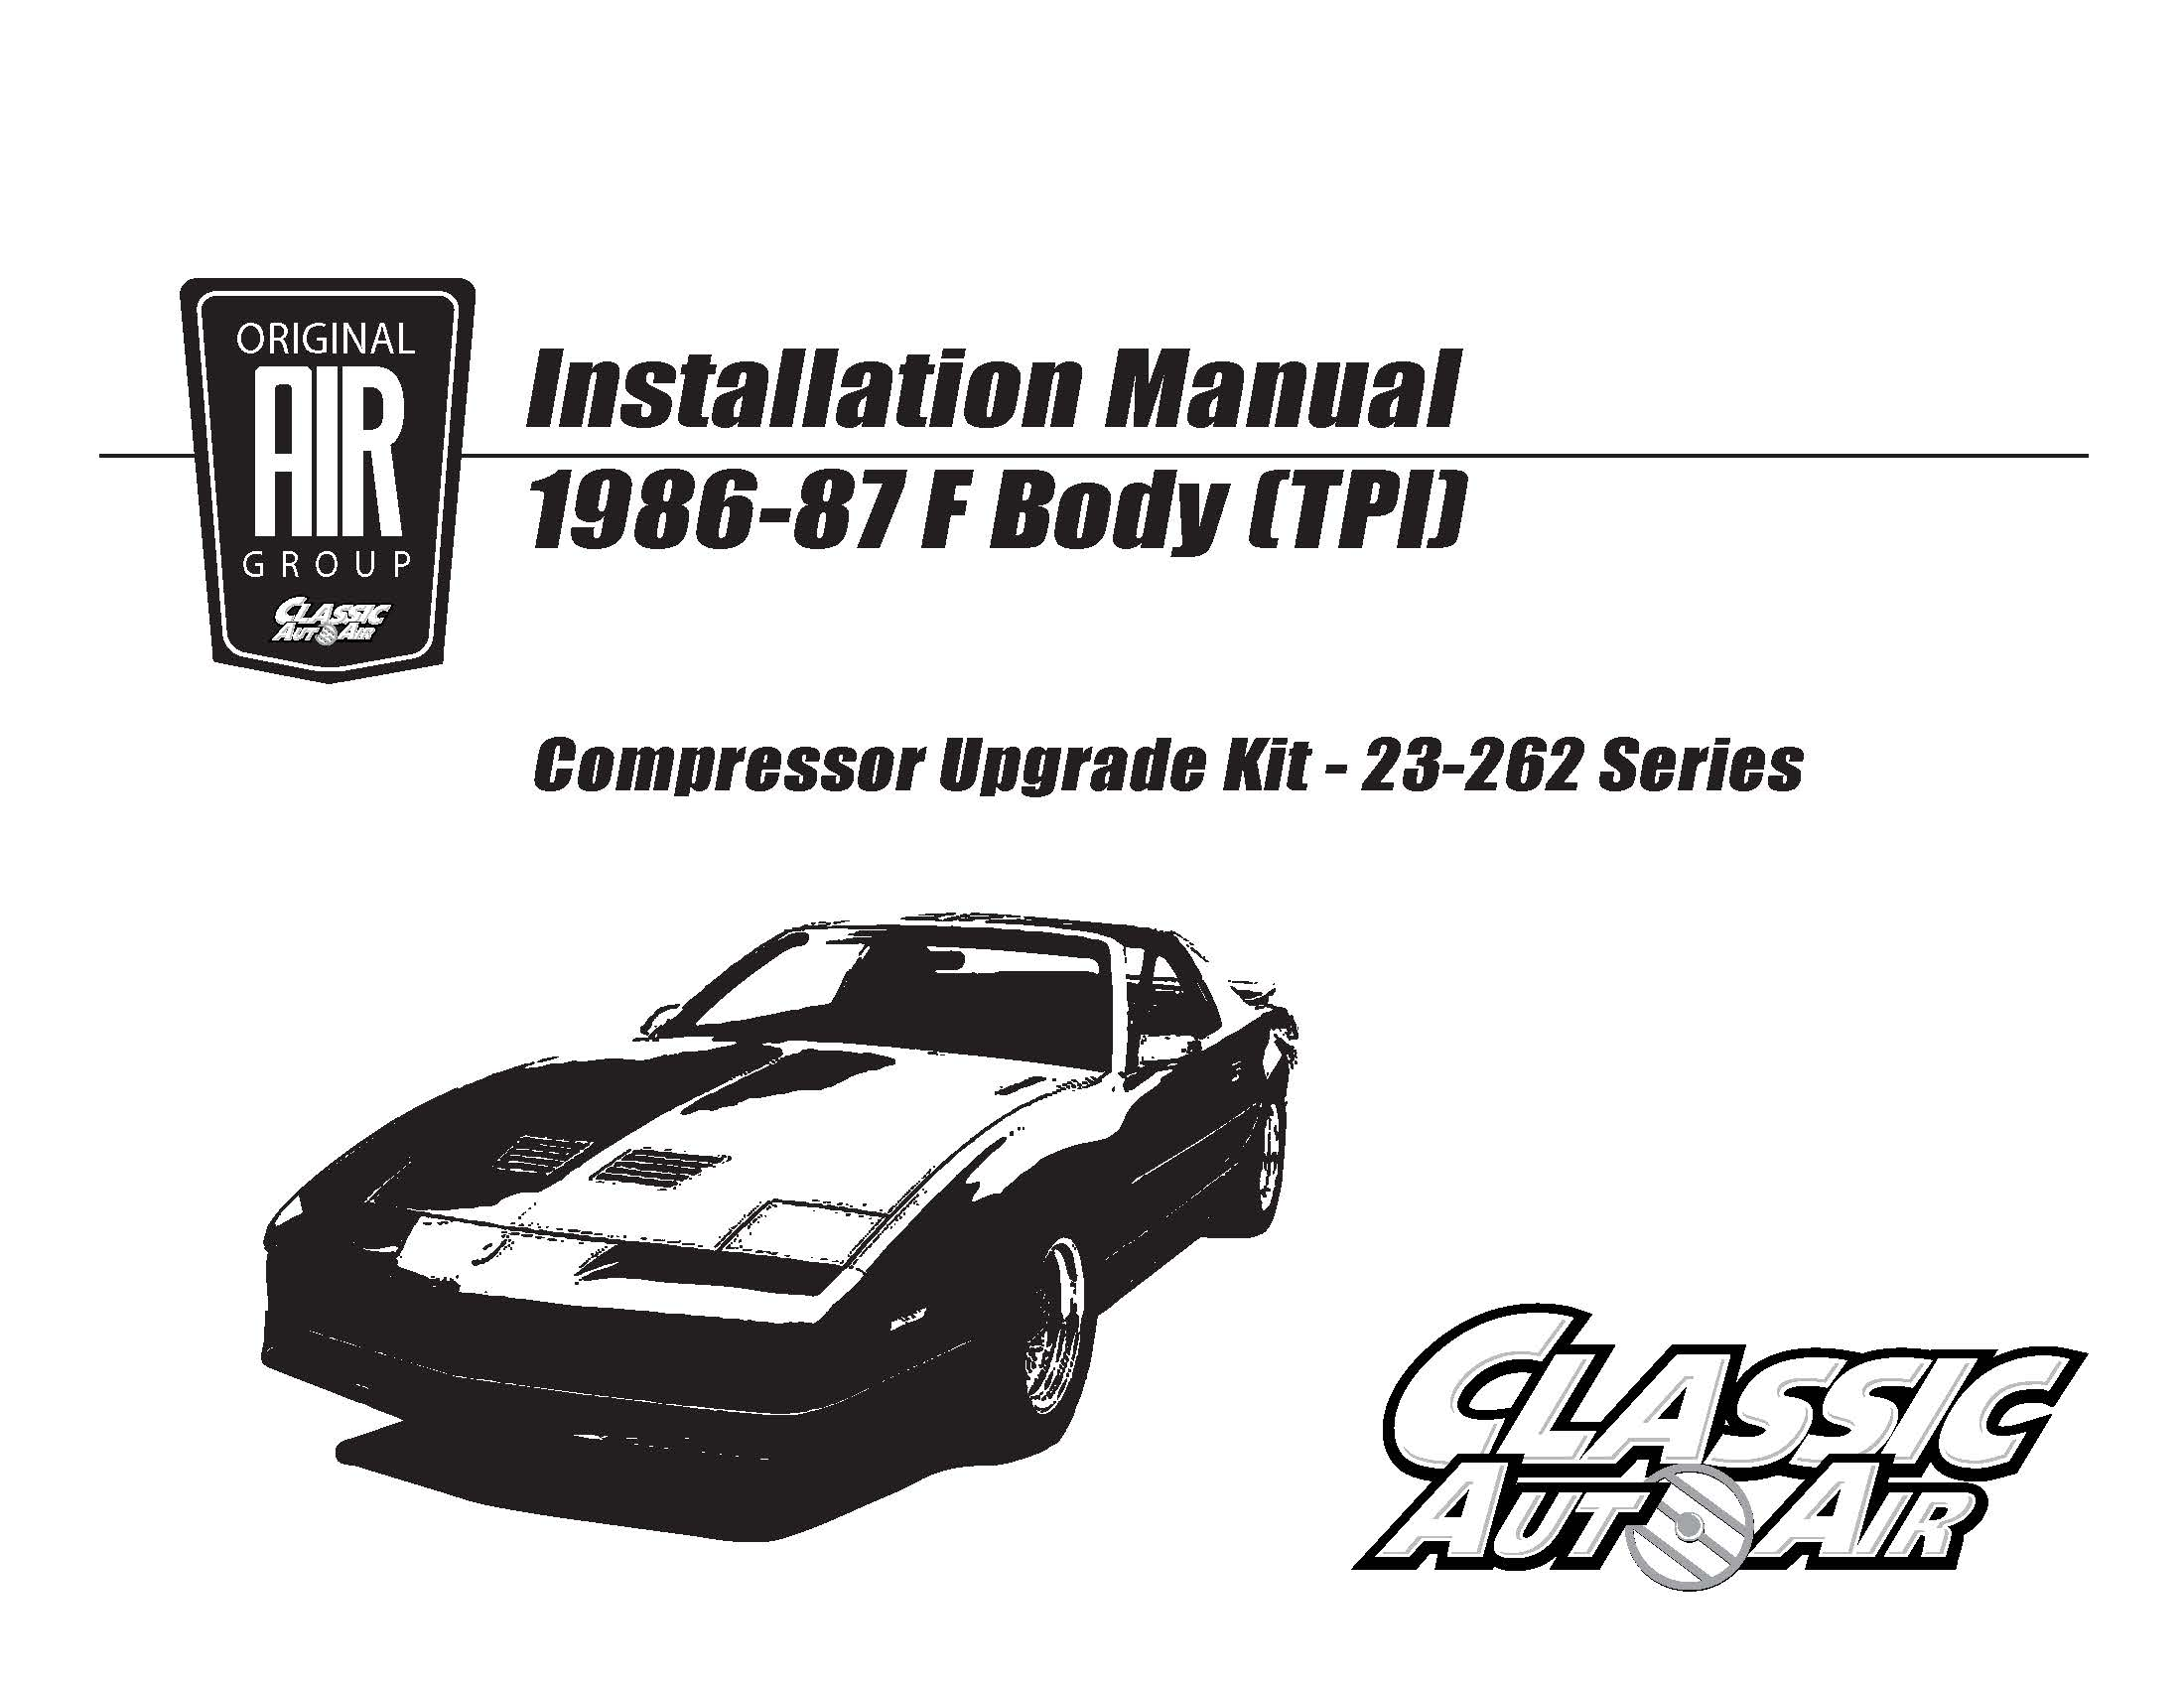 86-87 Camaro/Firebird A/C Compressor Performance Upgrade